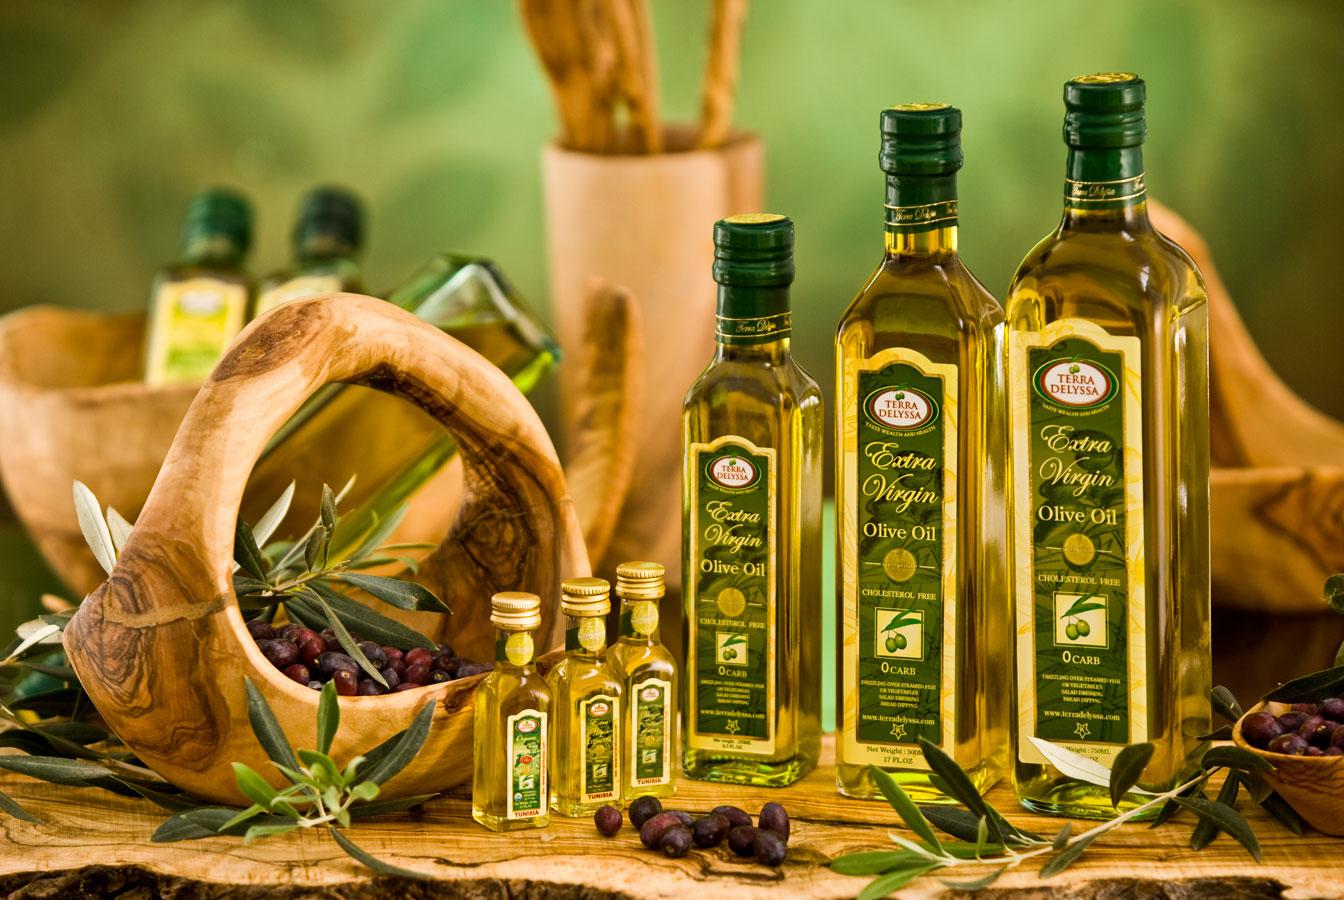 как хранить оливковое масло после его открытия